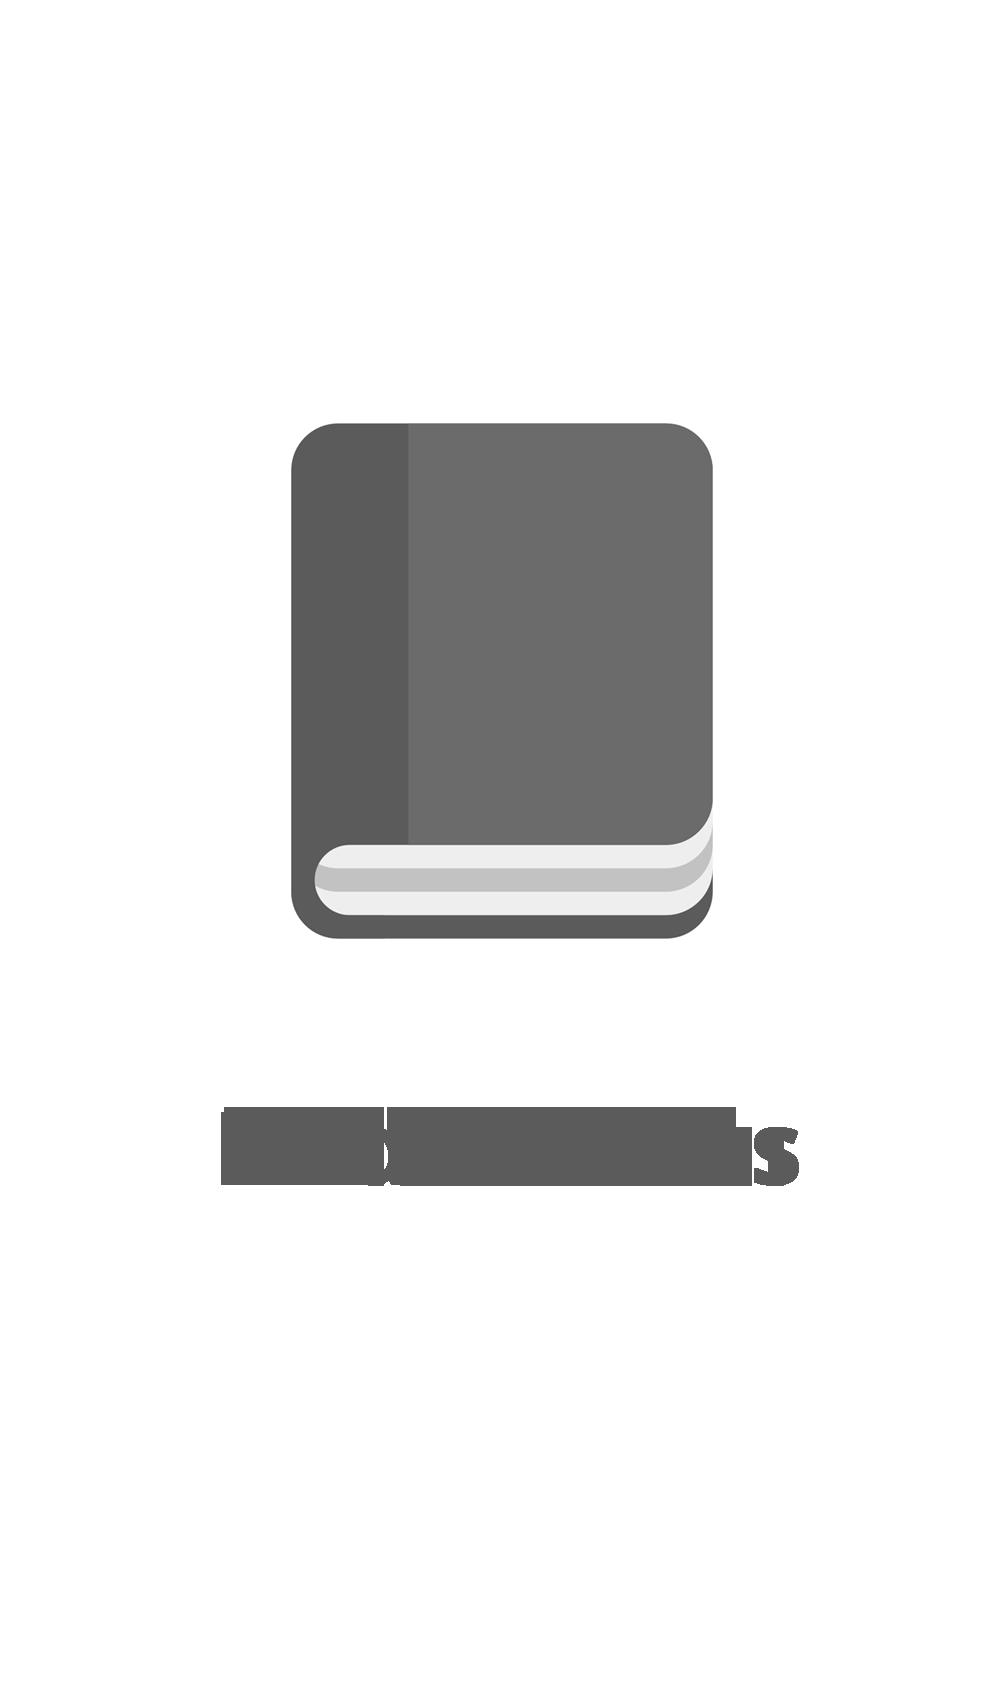 Swensk Ordabok : Jesper Swedberg: Svensk Ordabok : Utgiven efter Uppsala-handskriften, med tillägg och rättelser ur övriga handskrifter, av Lars Holm